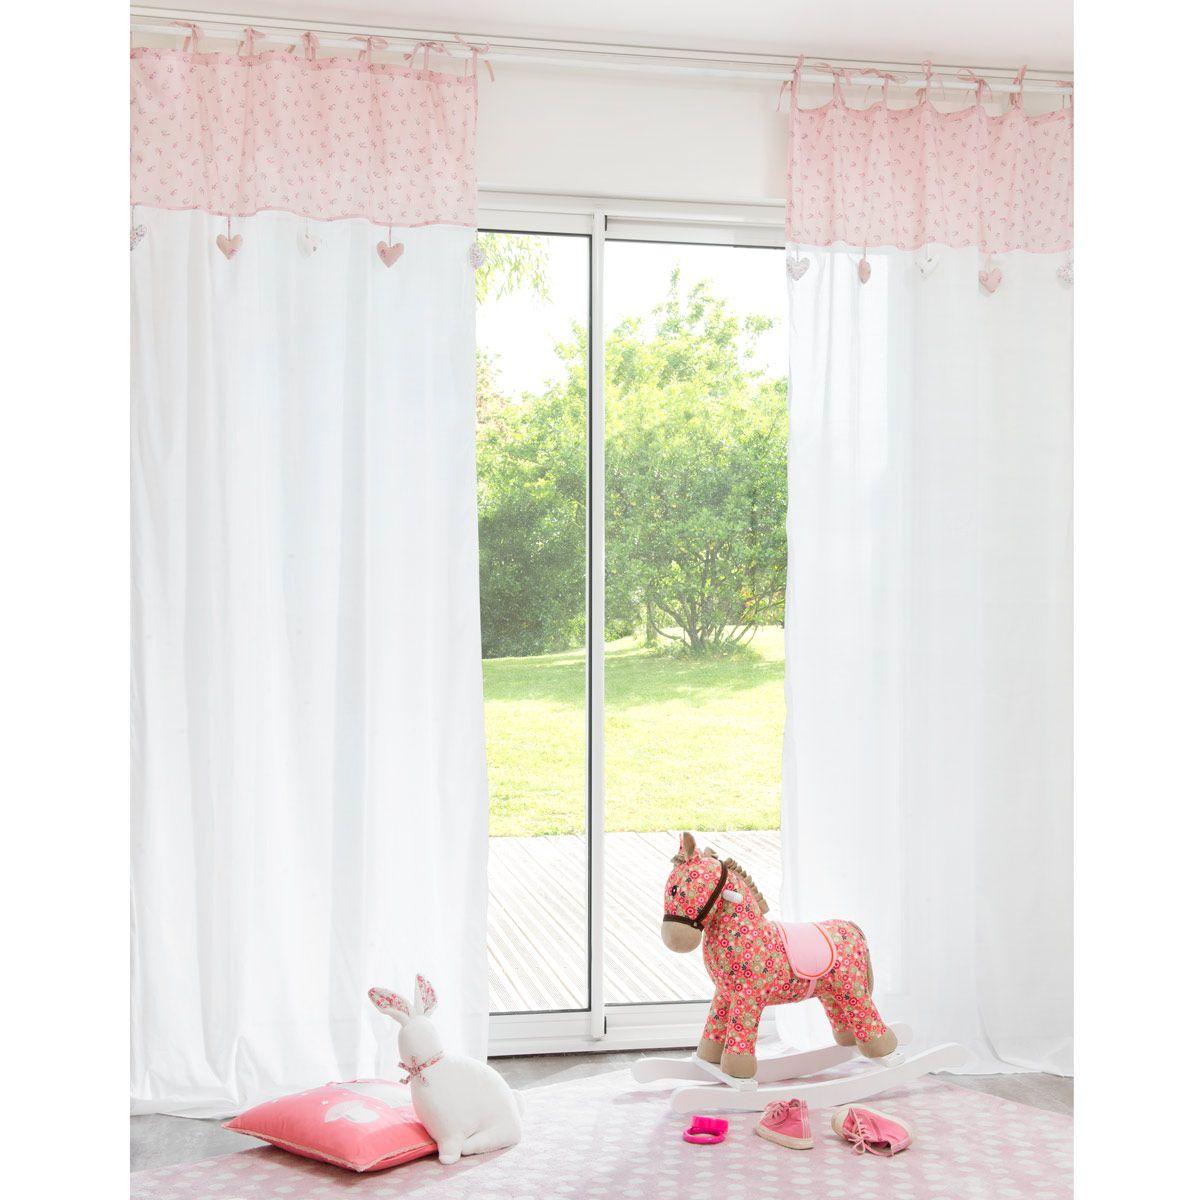 Tenda per bambini ines idee per la casa pinterest for Idee per conservare la stanza del sud